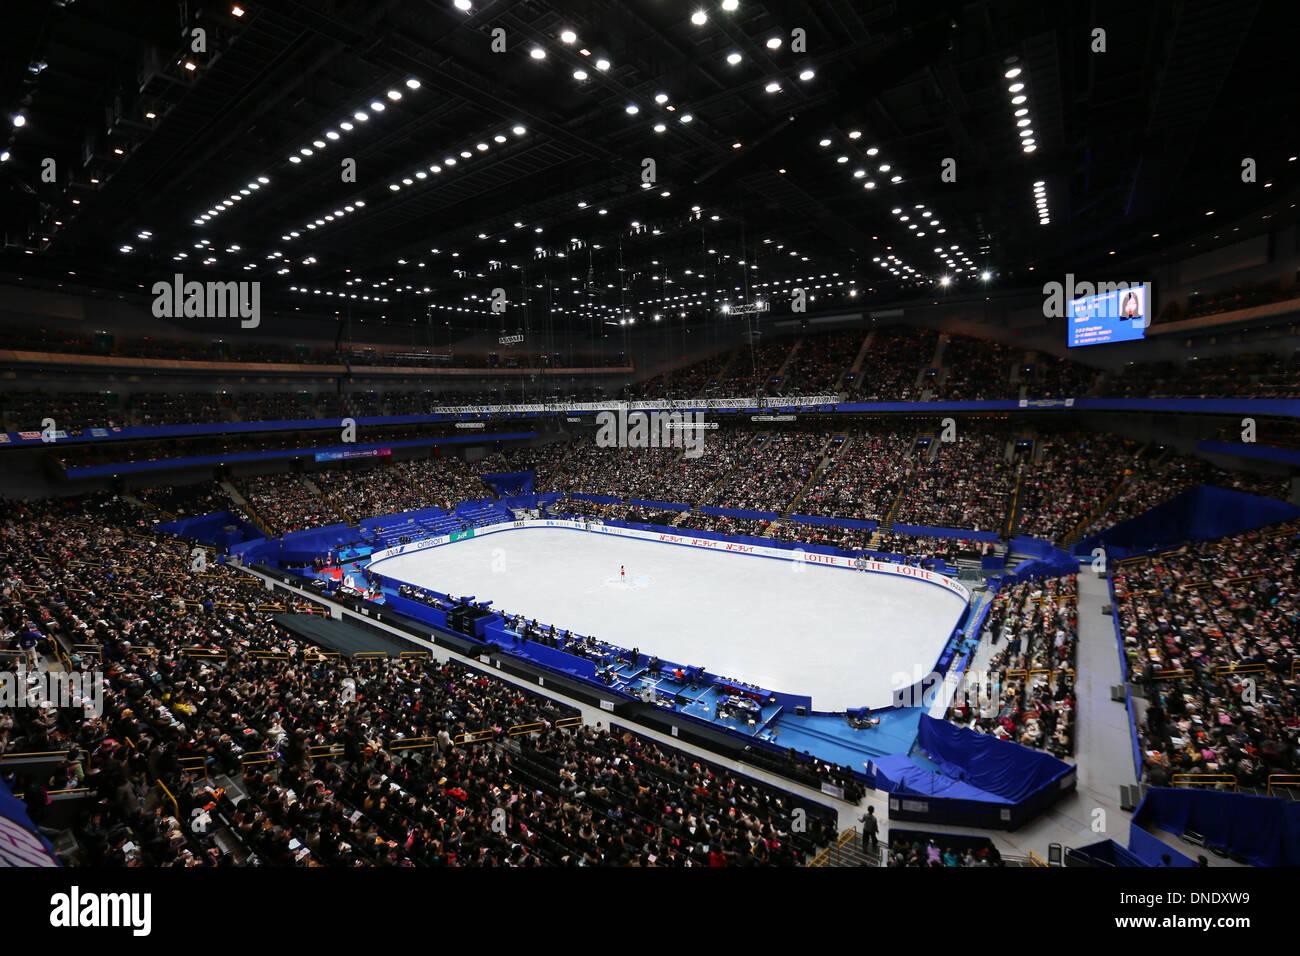 Saitama Super Arena Saitama Japan 23rd Dec 2013 General